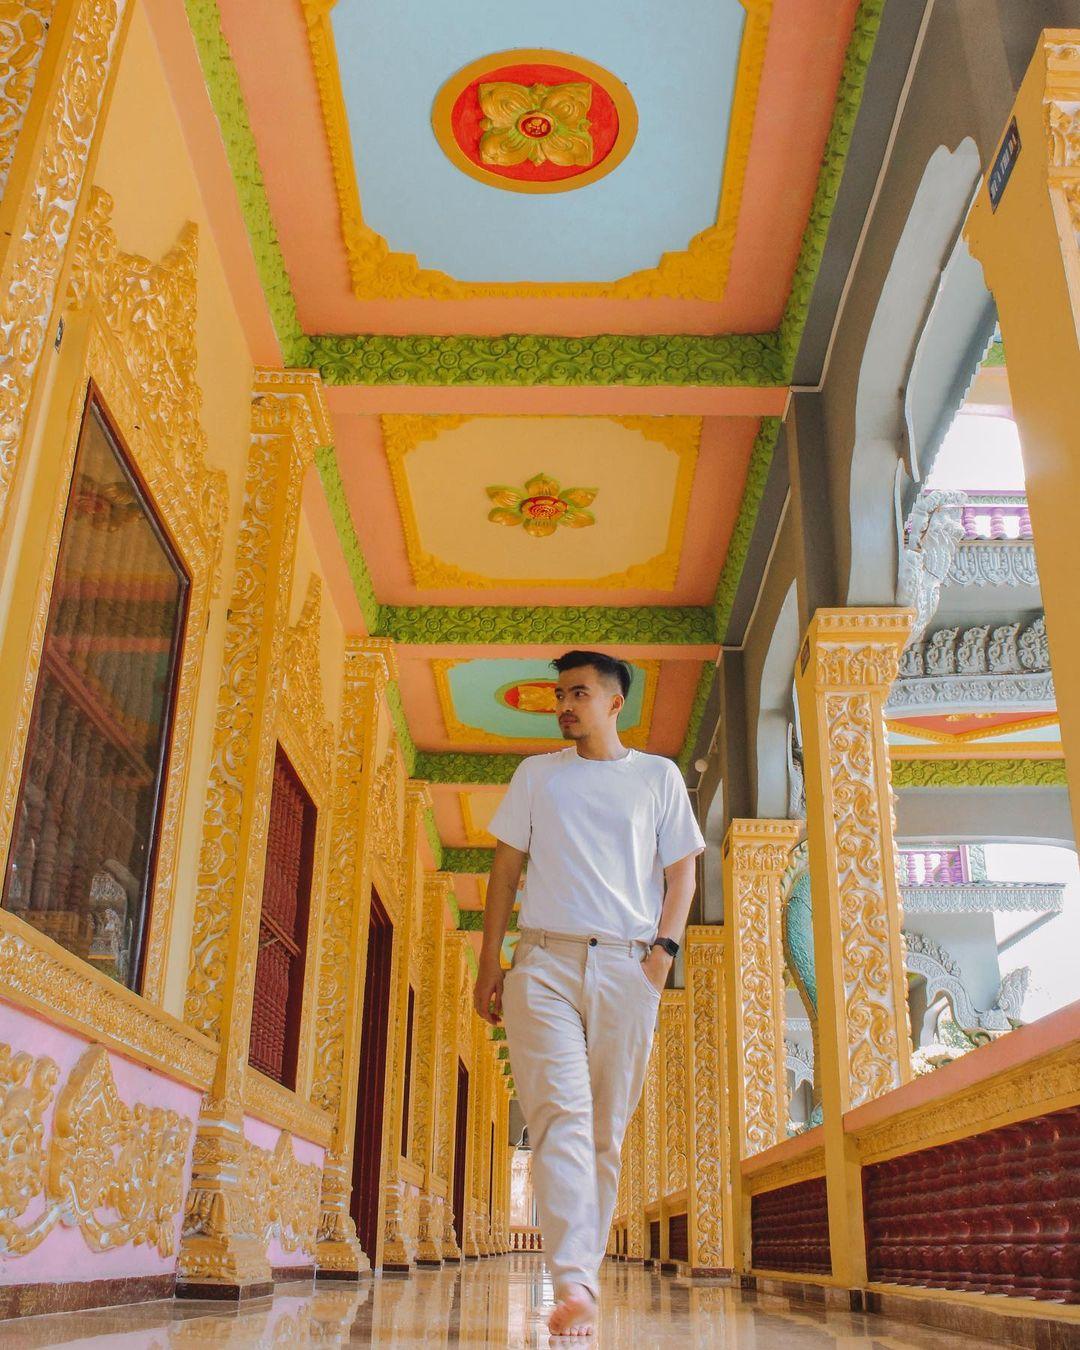 Bên trong hành lang chùa Som Rong. Hình: @lythanhco